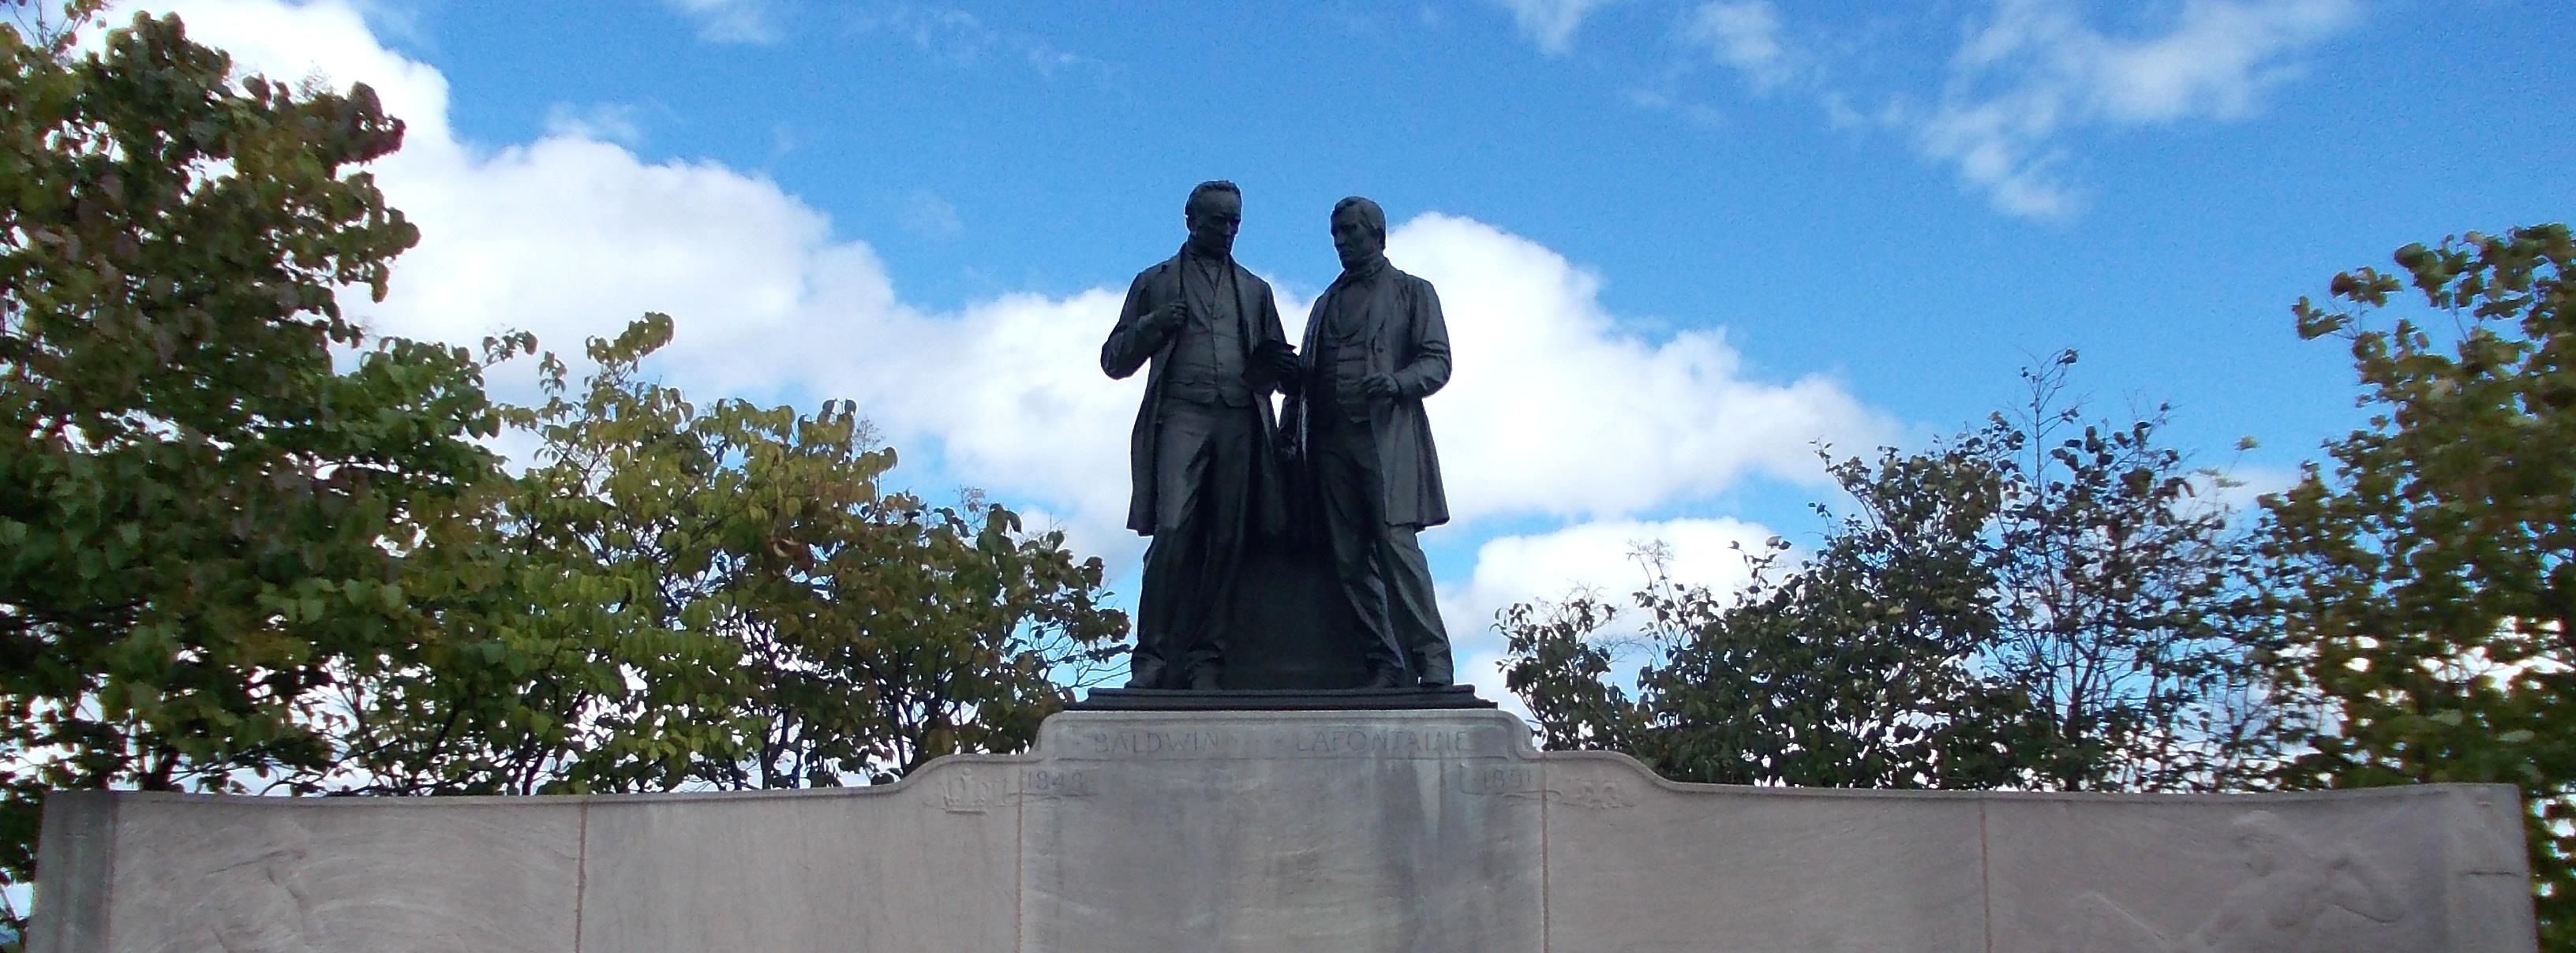 Statue de Robert Baldwin et Louis-Hippolyte LaFontaine